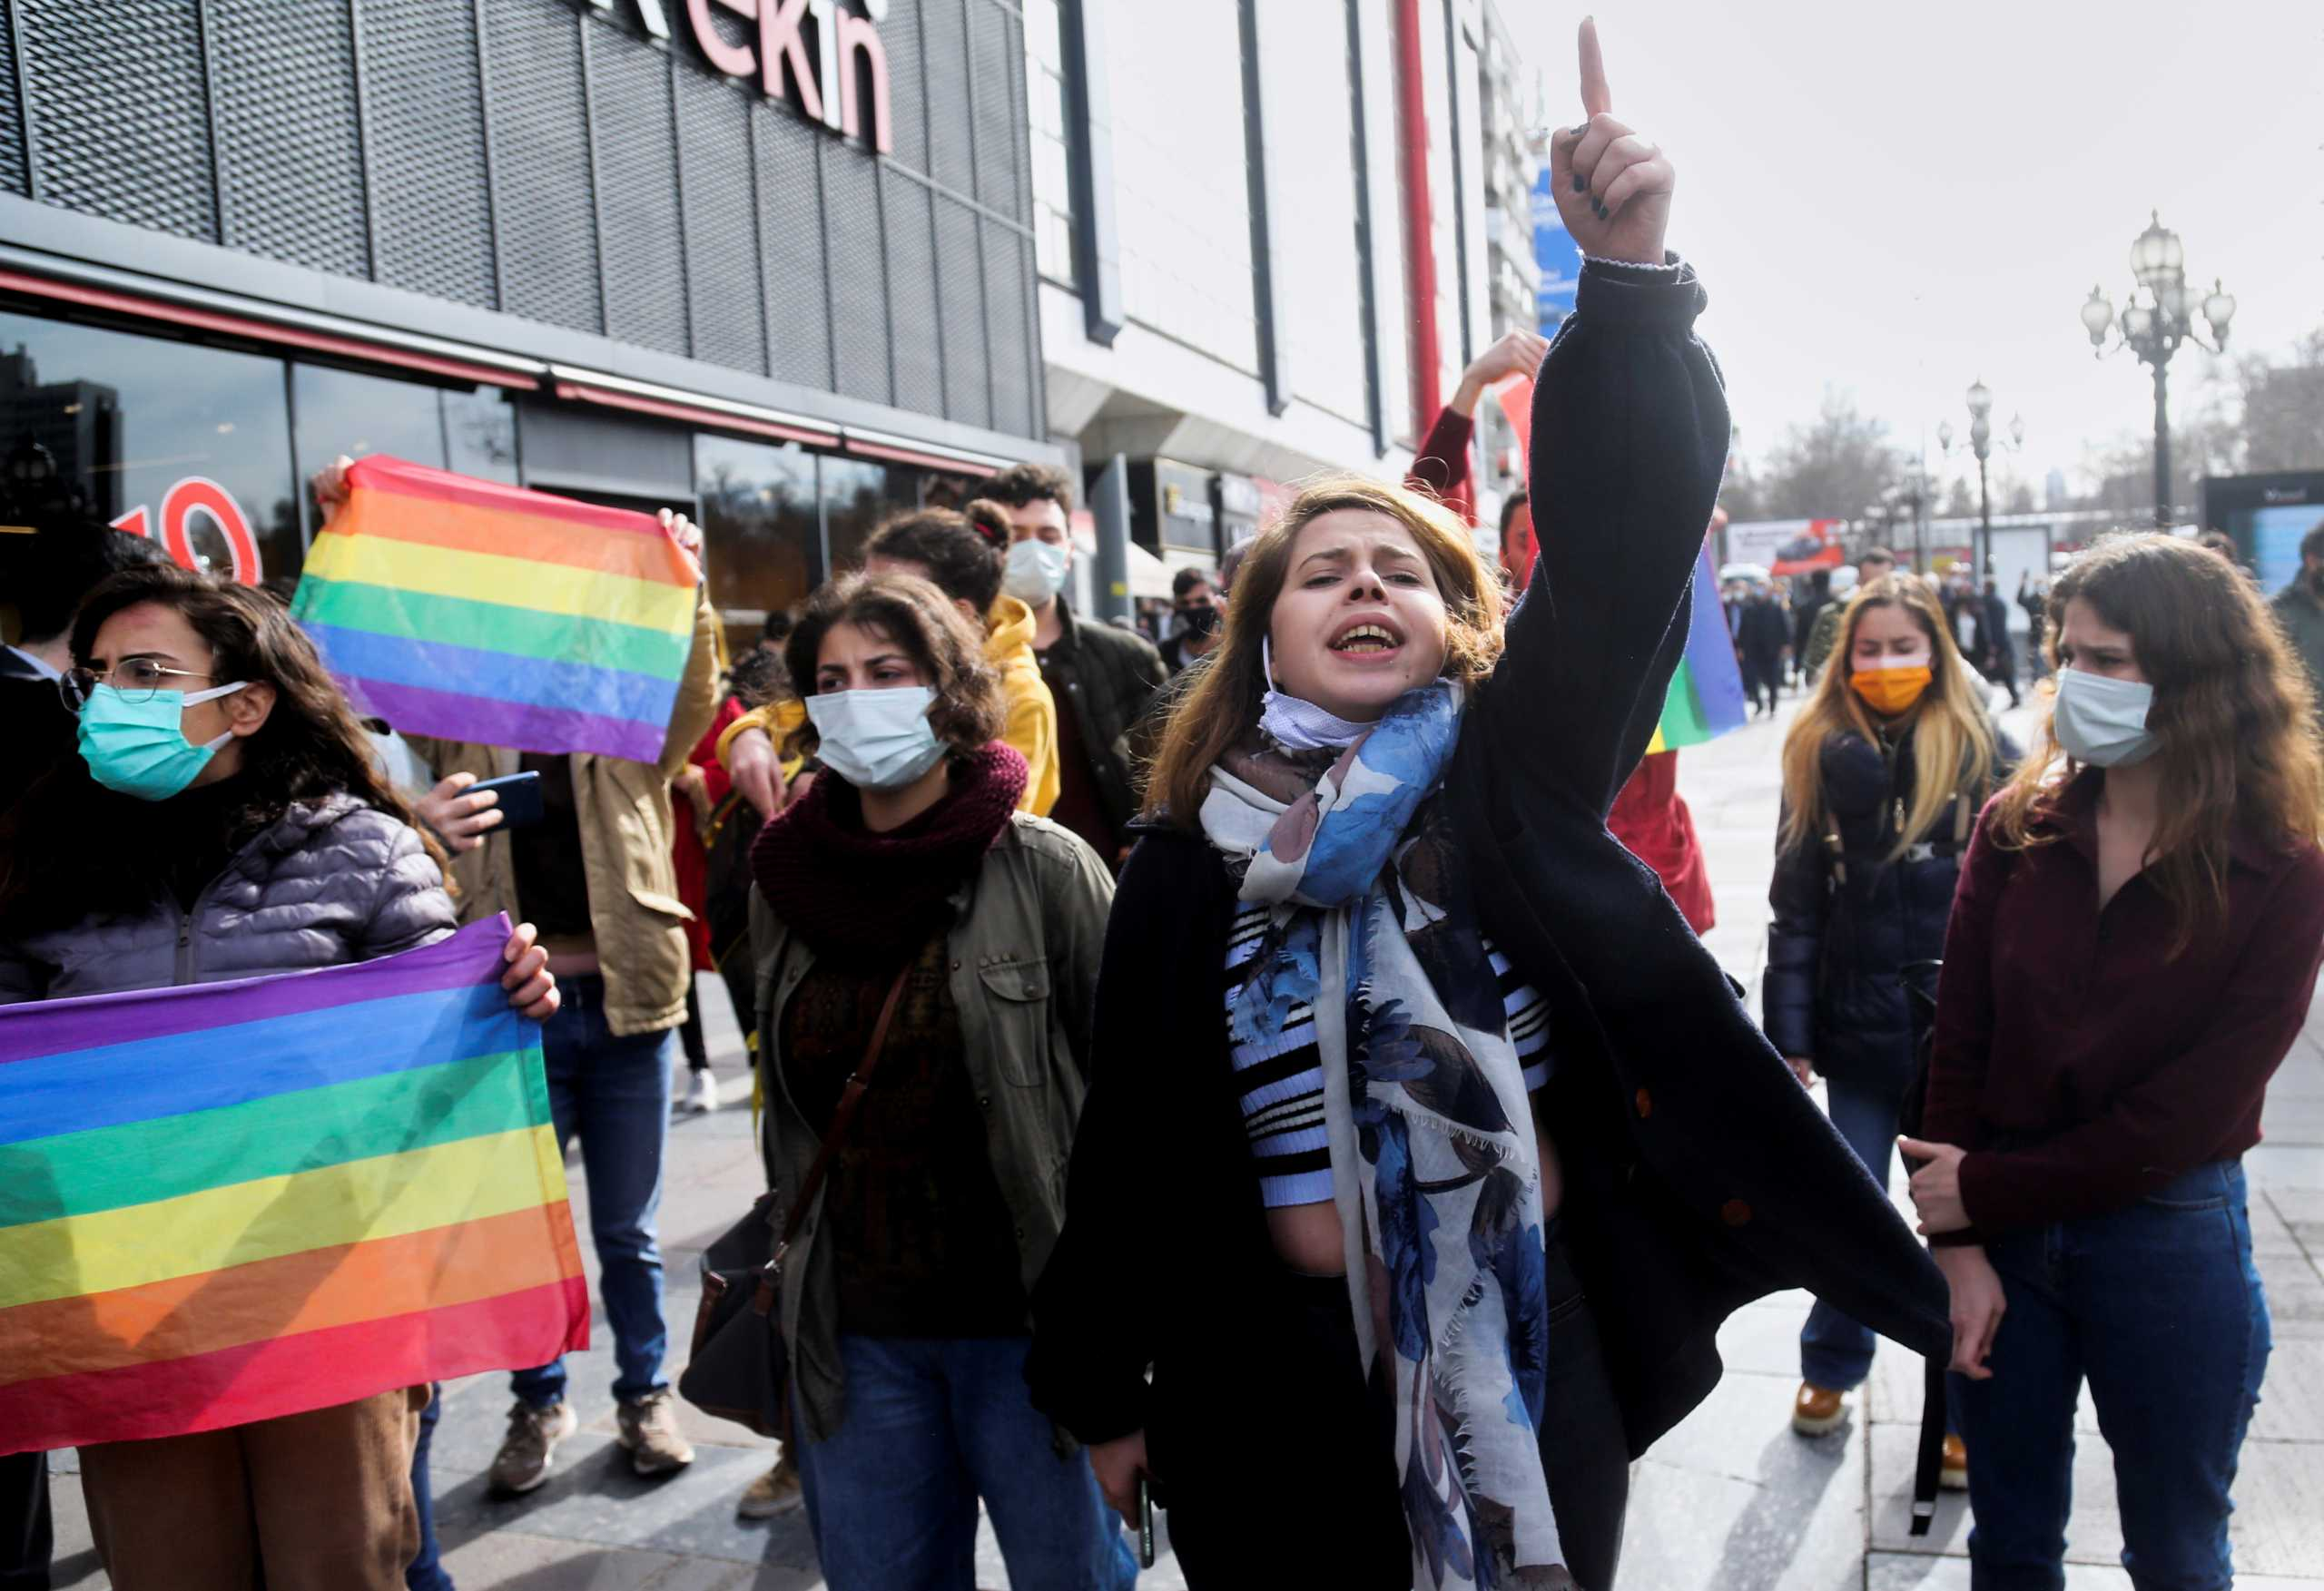 Σοϊλού: Διεστραμμένη η ΛΟΑΤ κοινότητα – Βράζει η Τουρκία με τις διαδηλώσεις (pics)